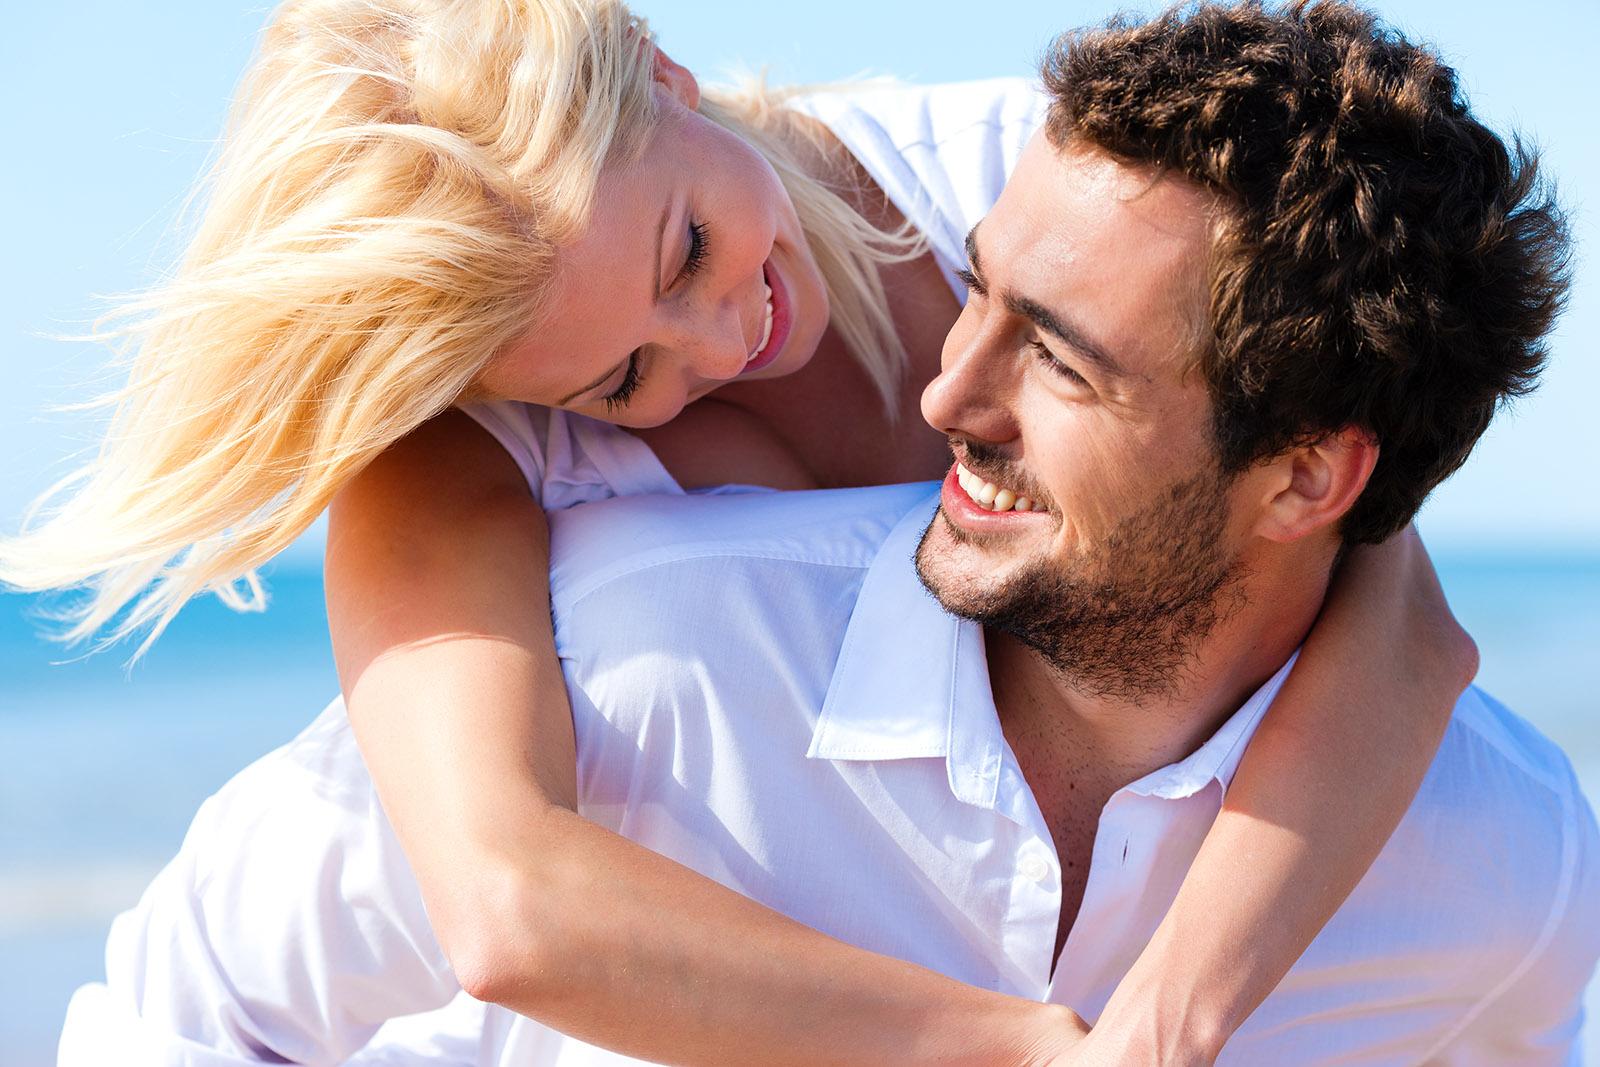 Hector Jimenez - Matriz de relación con la pareja